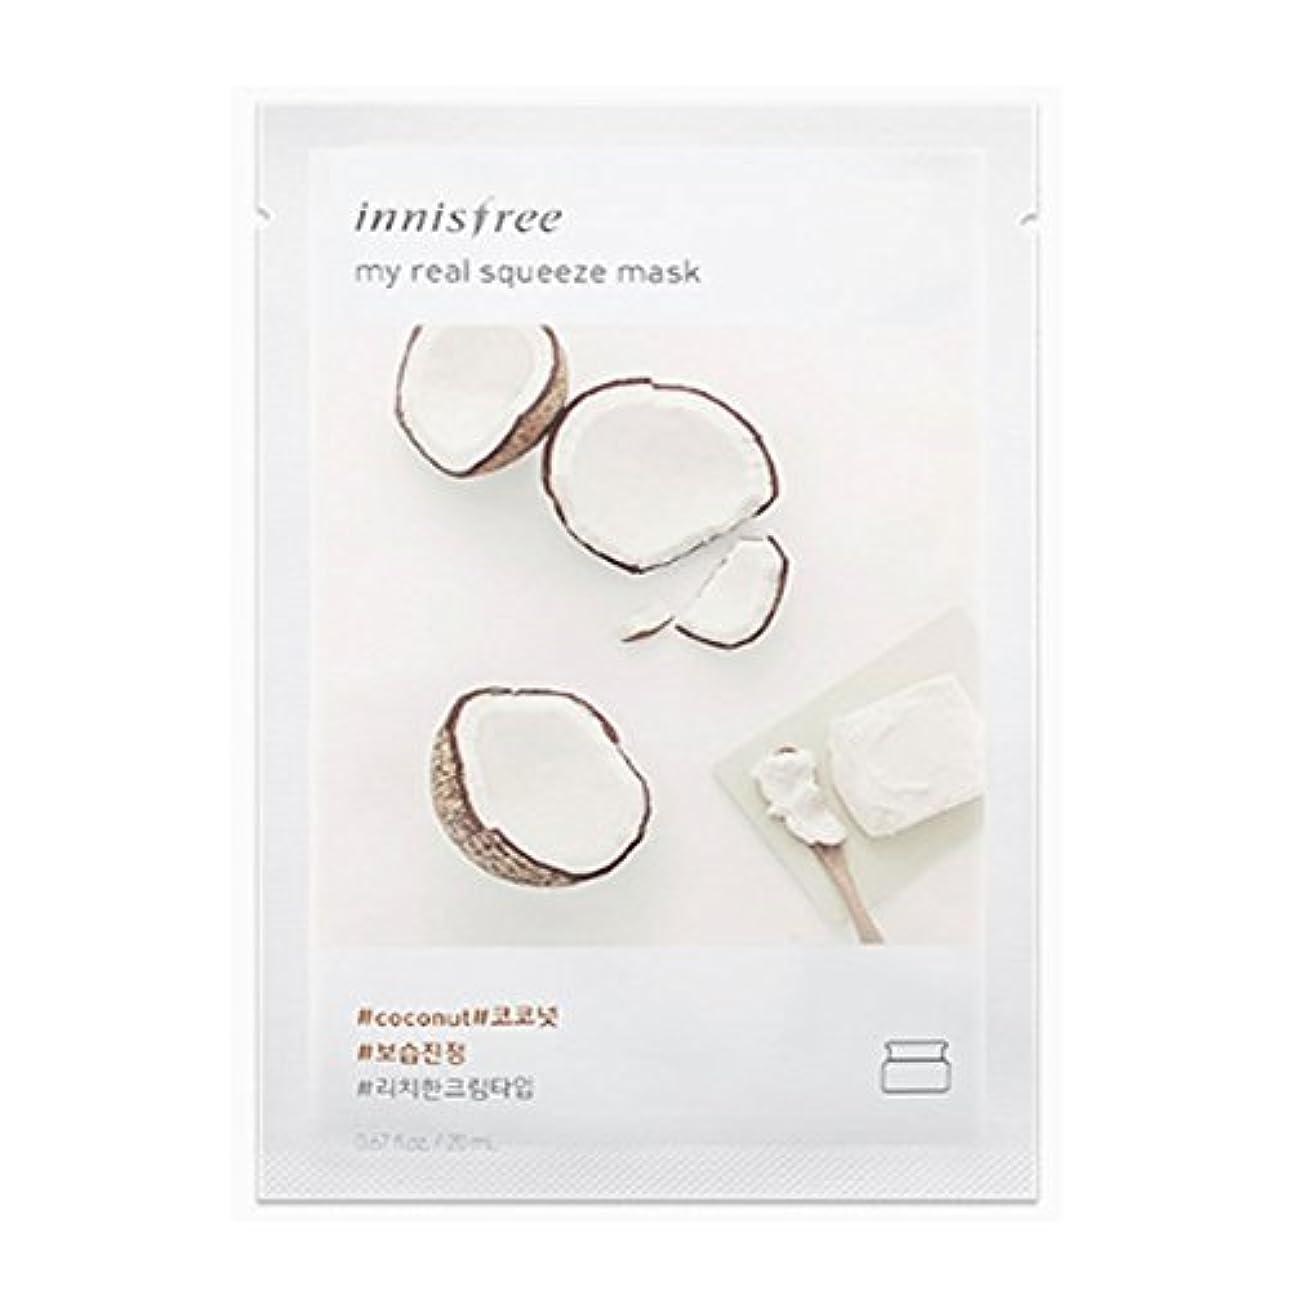 評価ソースポテトイニスフリーダブルフィットリフティングマスク17g + 19g Innisfree Double Fit Lifting Mask 17g+19g [海外直送品][並行輸入品] (#1-Elastic moisturizing)